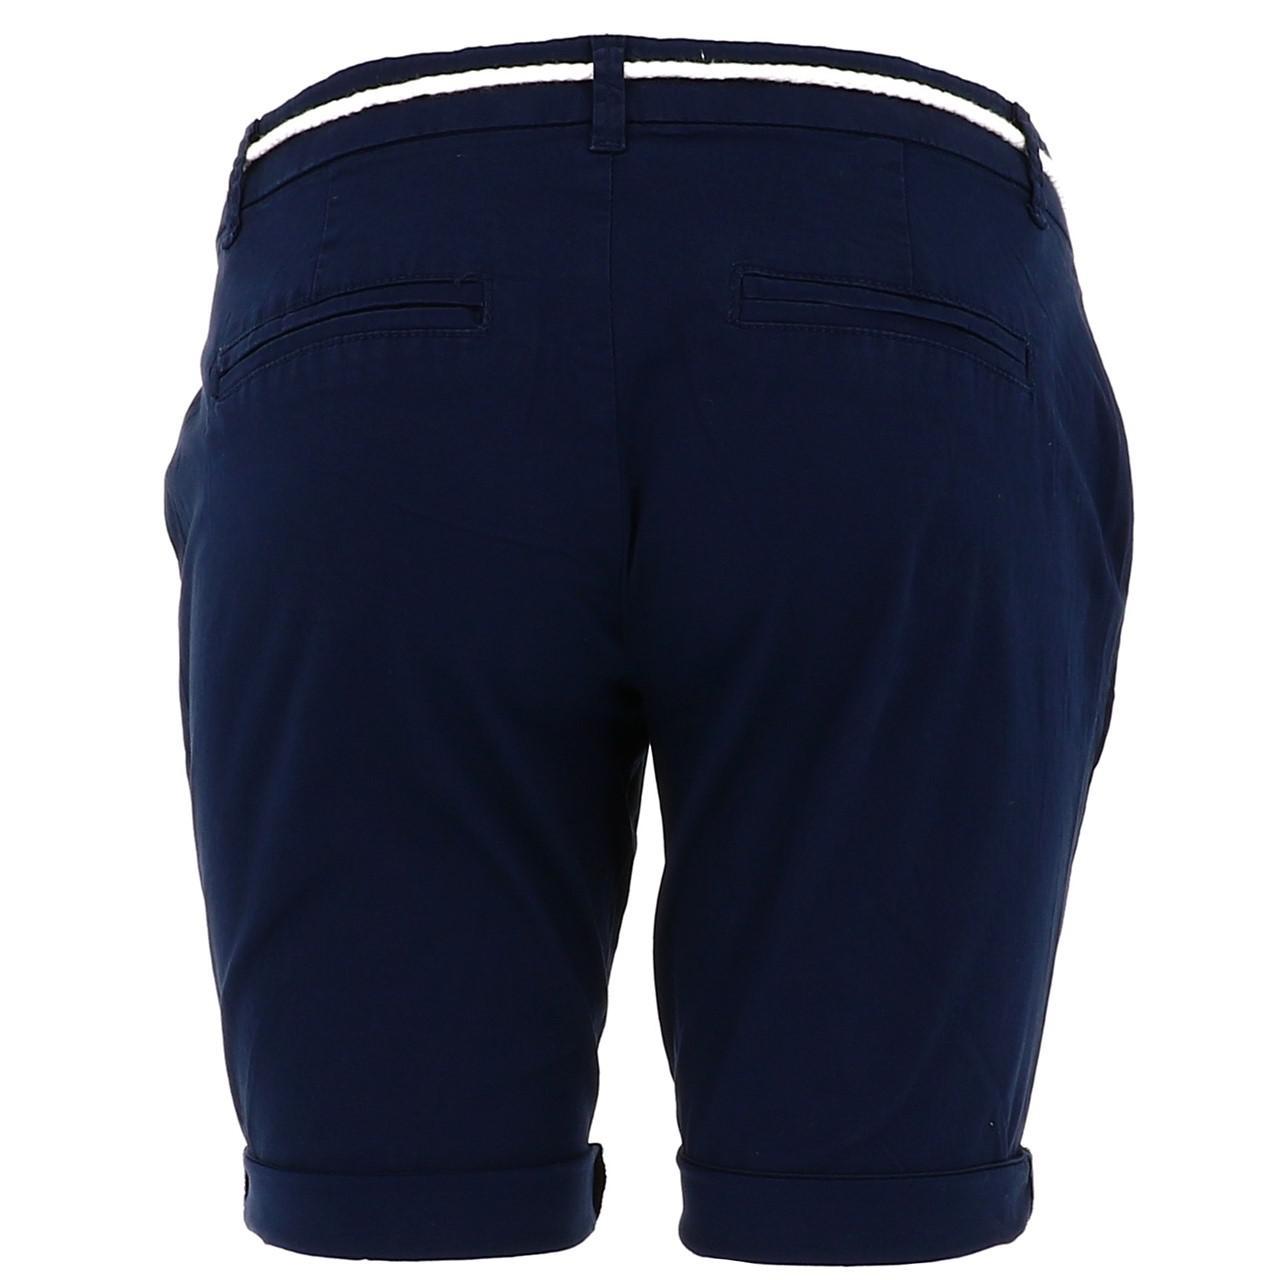 Bermuda-Shorts-Only-Paris-L-Chino-Navy-Shorts-Blue-18677-New thumbnail 5